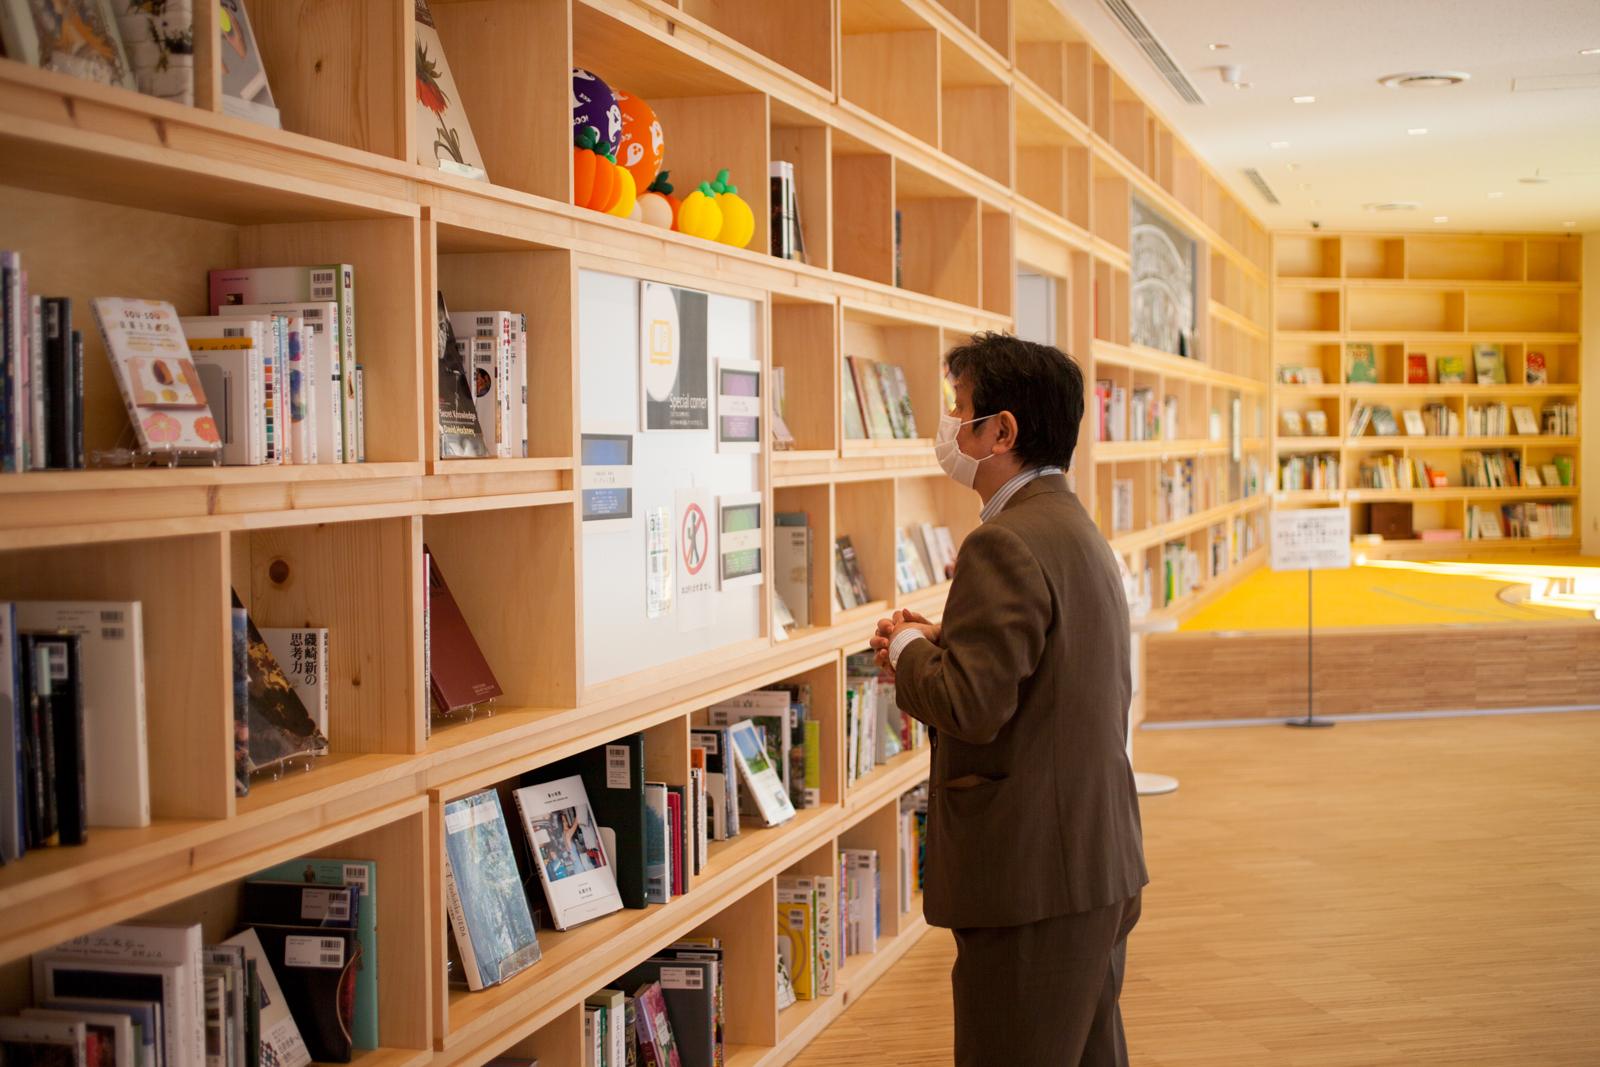 加藤 義夫(かとう よしお)さん 宝塚市立文化芸術センター 1Fライブラリーにて